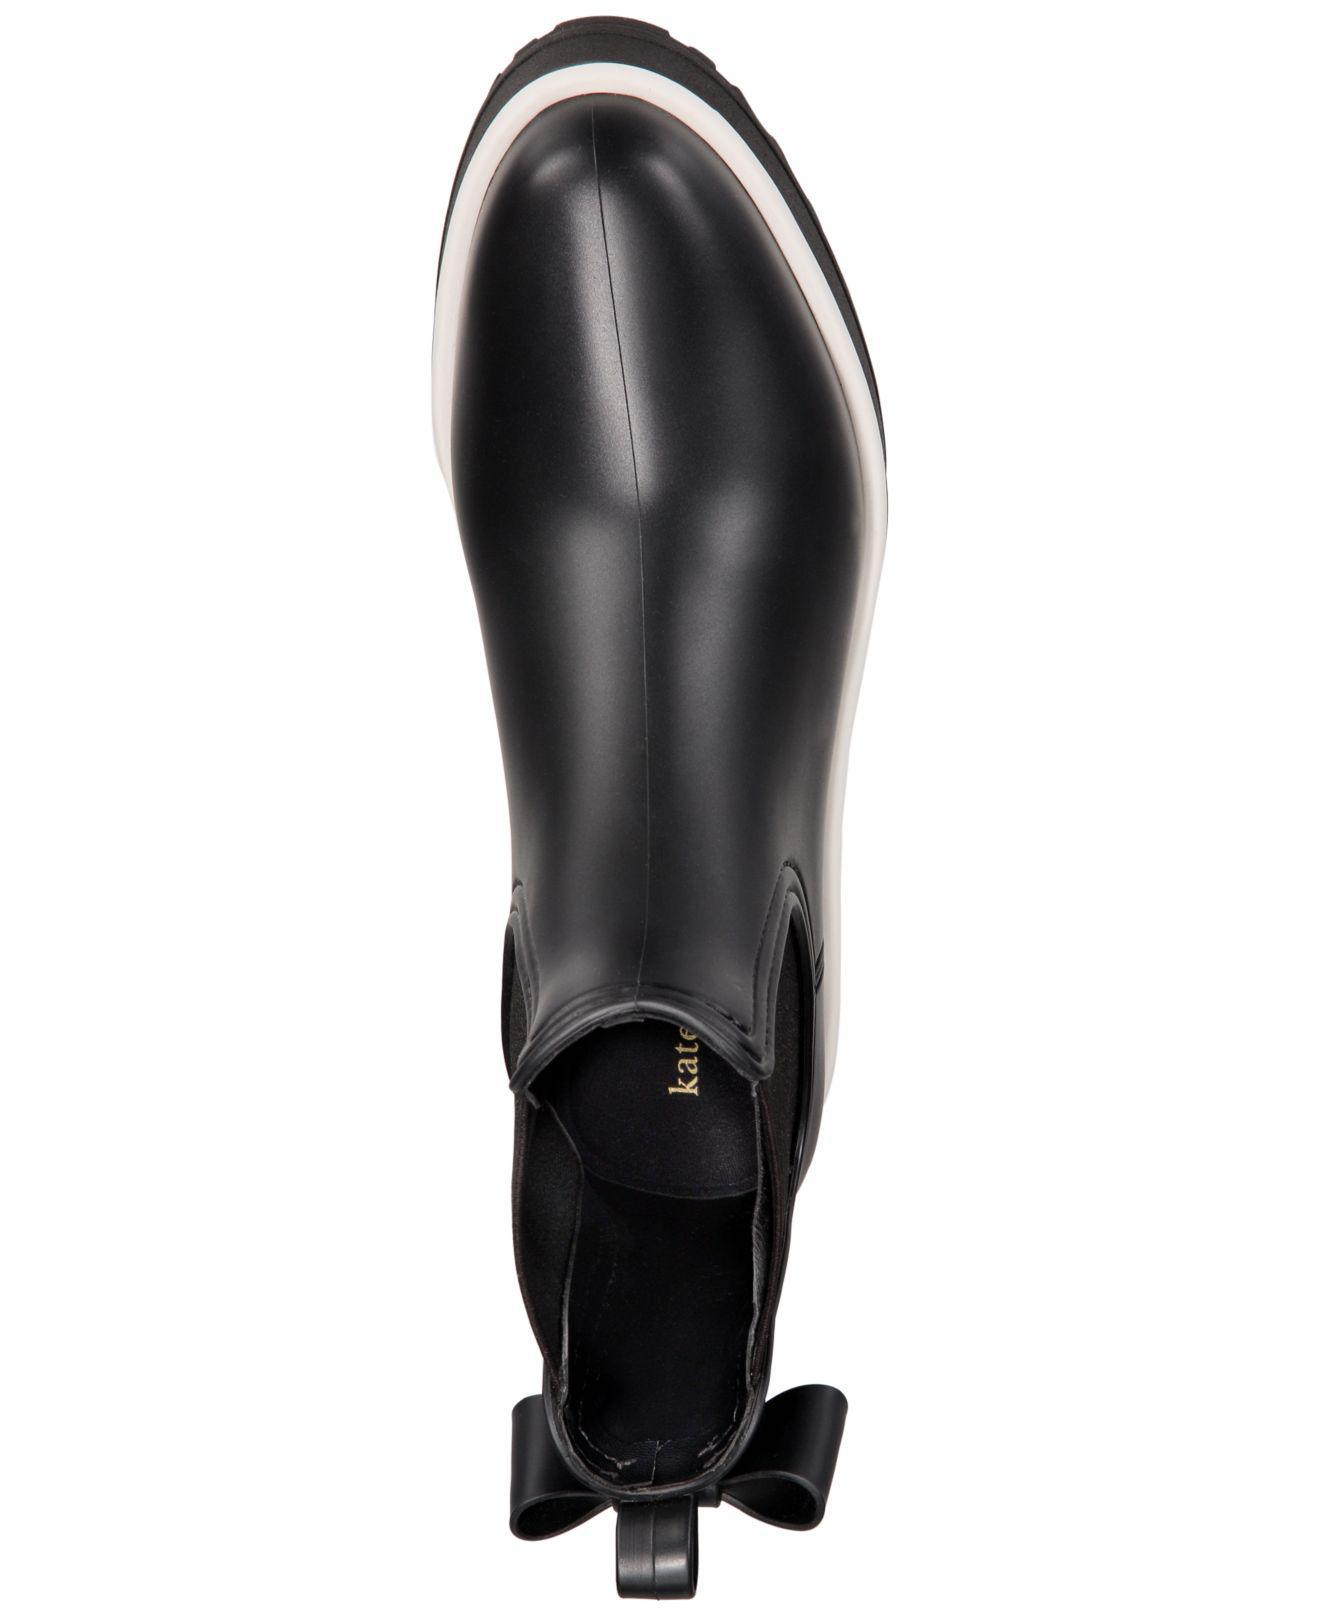 Kate Spade Rubber Malcom Rain Shoe In Black - Lyst-7260